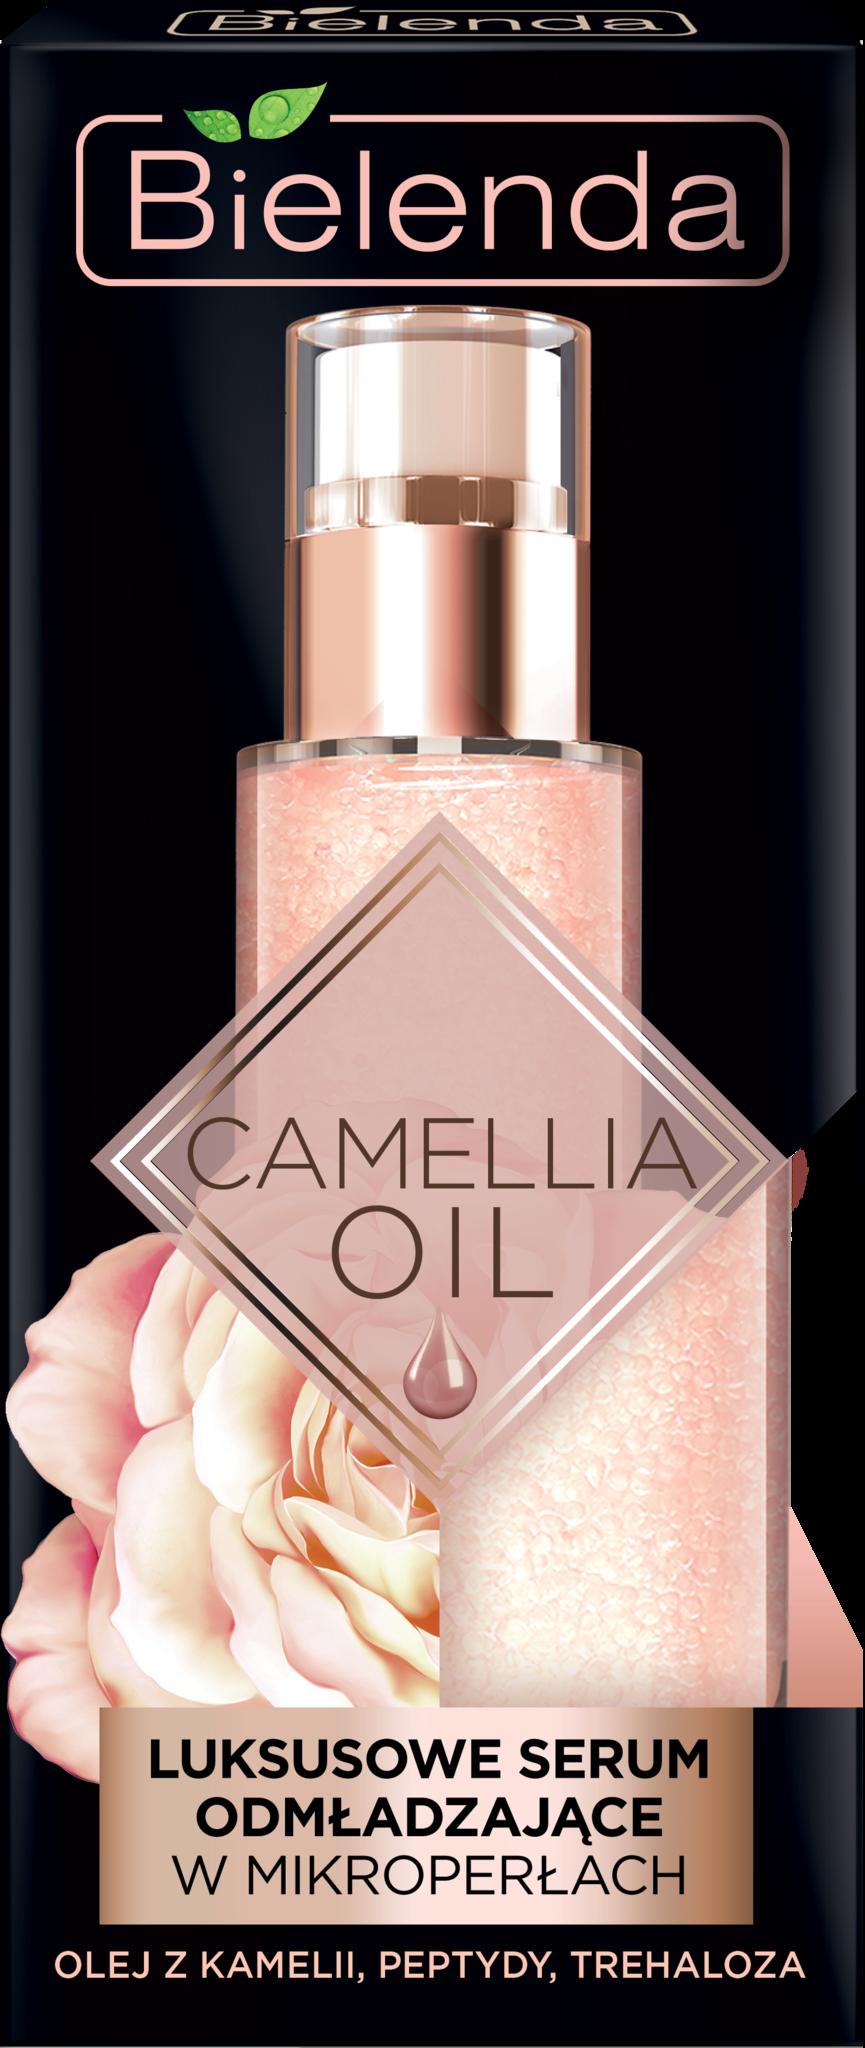 CAMELLIA OIL Эксклюзивная омолаживающая сыворотка, 30 мл